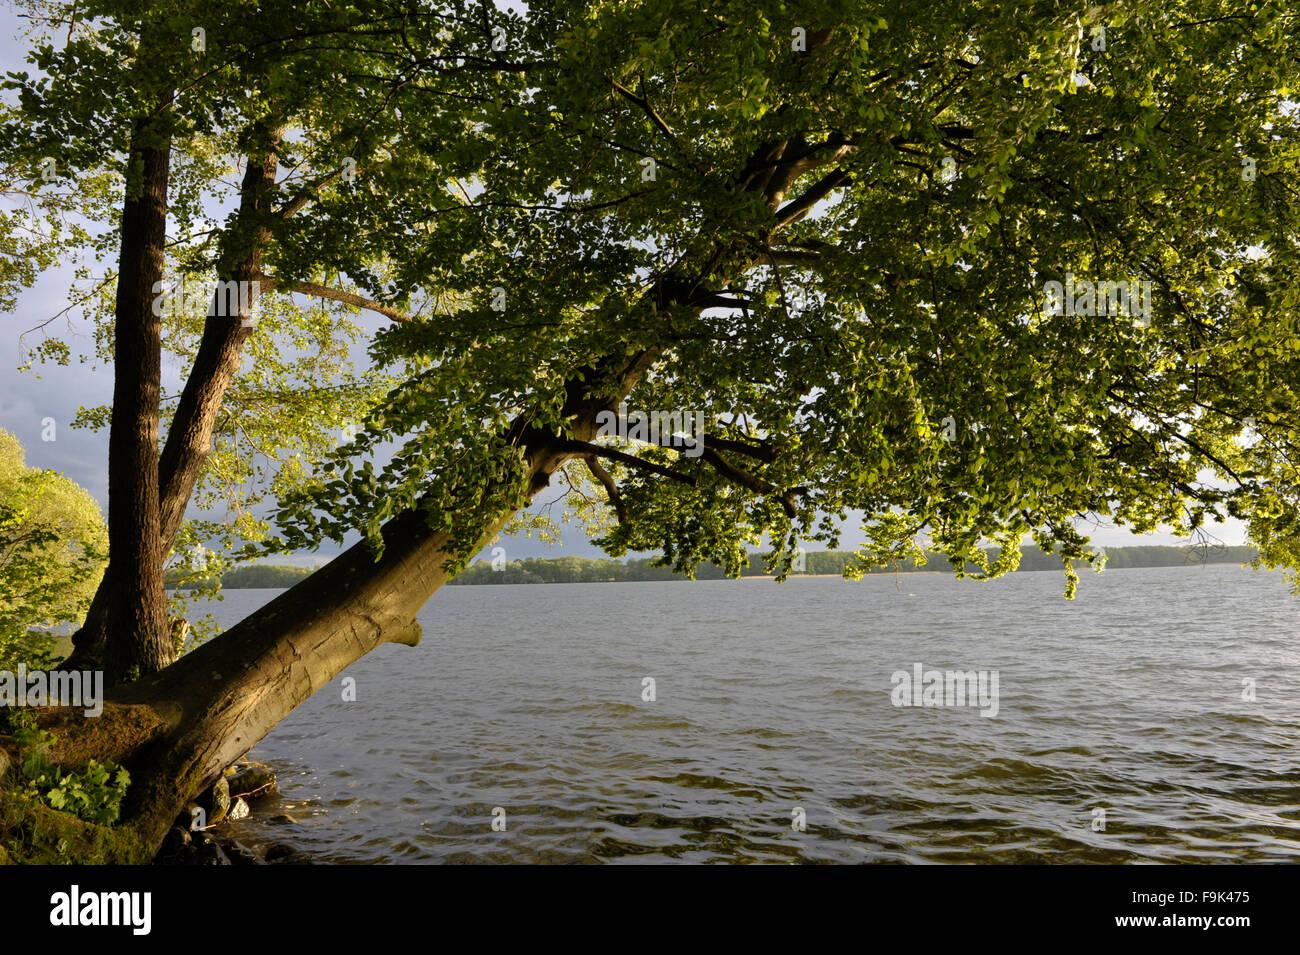 drawsko lake (jezioro drawsko), pomeranian lakeland (pojezierze pomorskie), west pomerania, poland Stock Photo